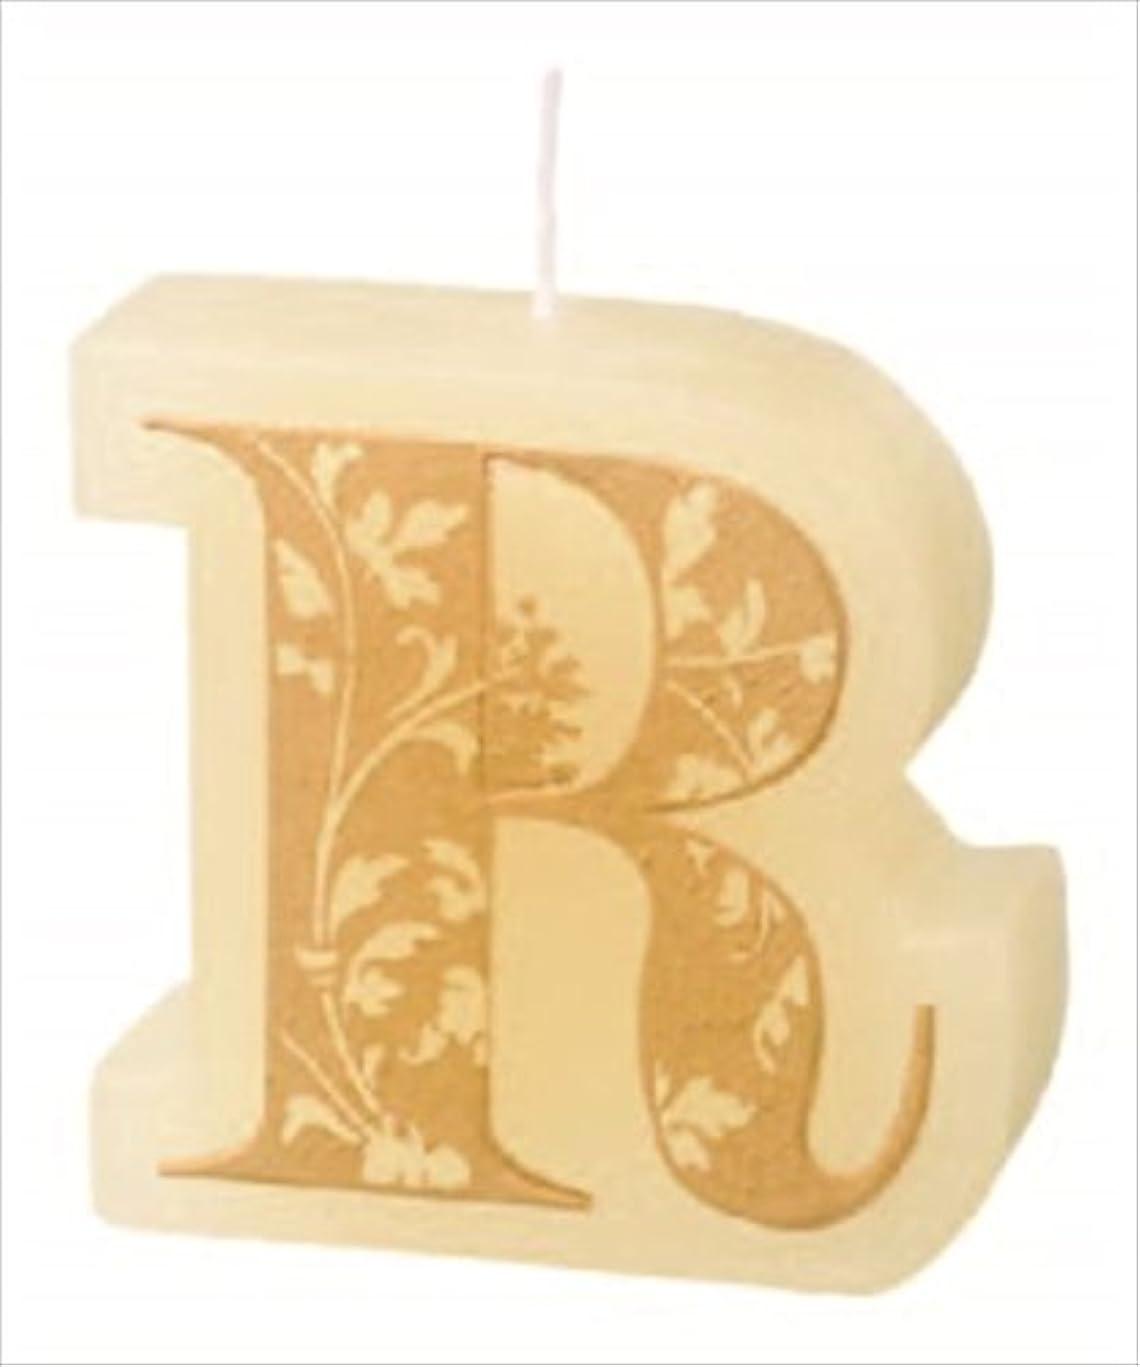 効率スローガン抽象化カメヤマキャンドル(kameyama candle) イニシャルキャンドルミニ 「 R 」